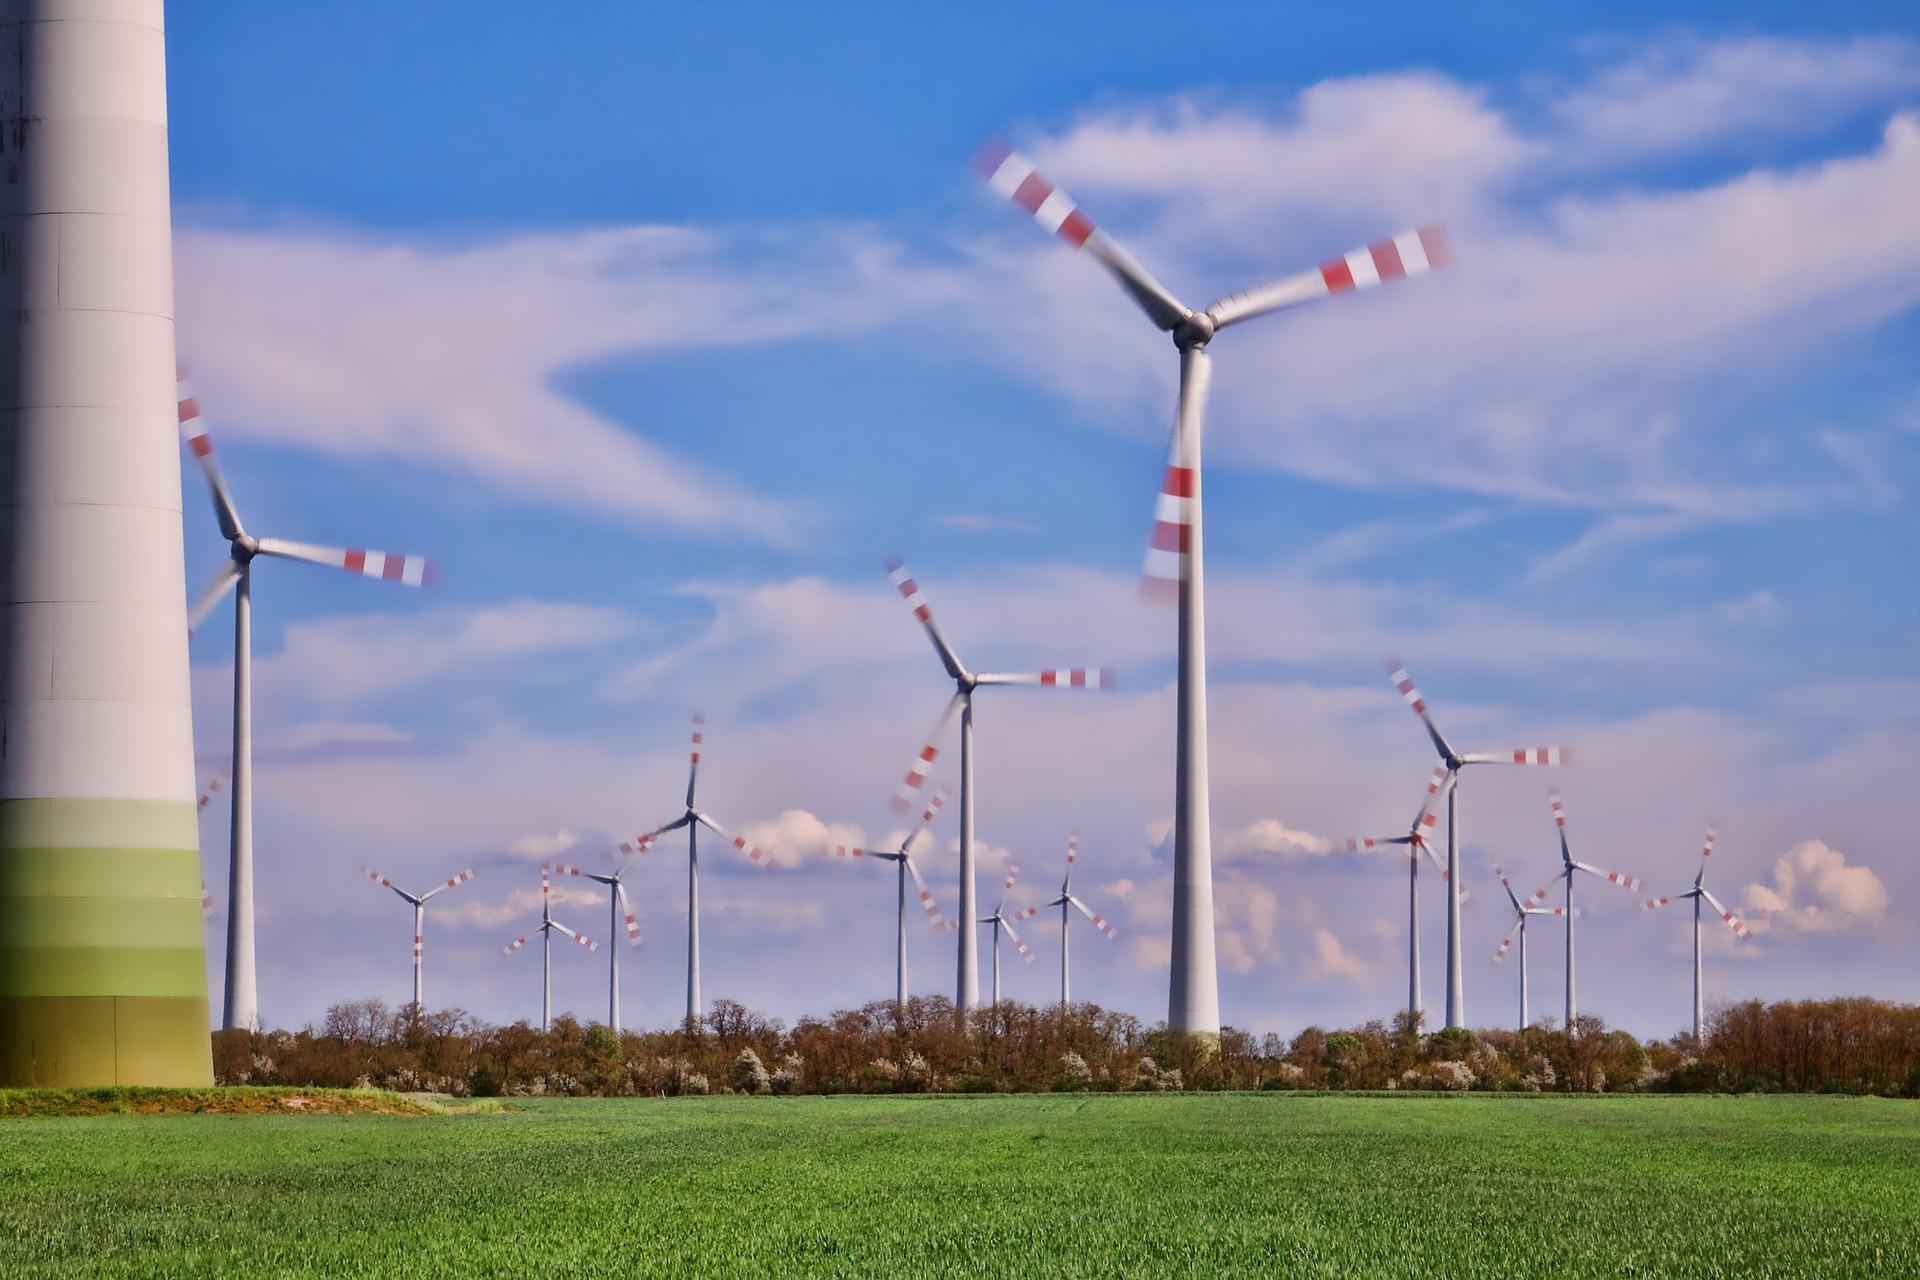 ЄБРР надає Україні €250 млн на розвиток енергетики